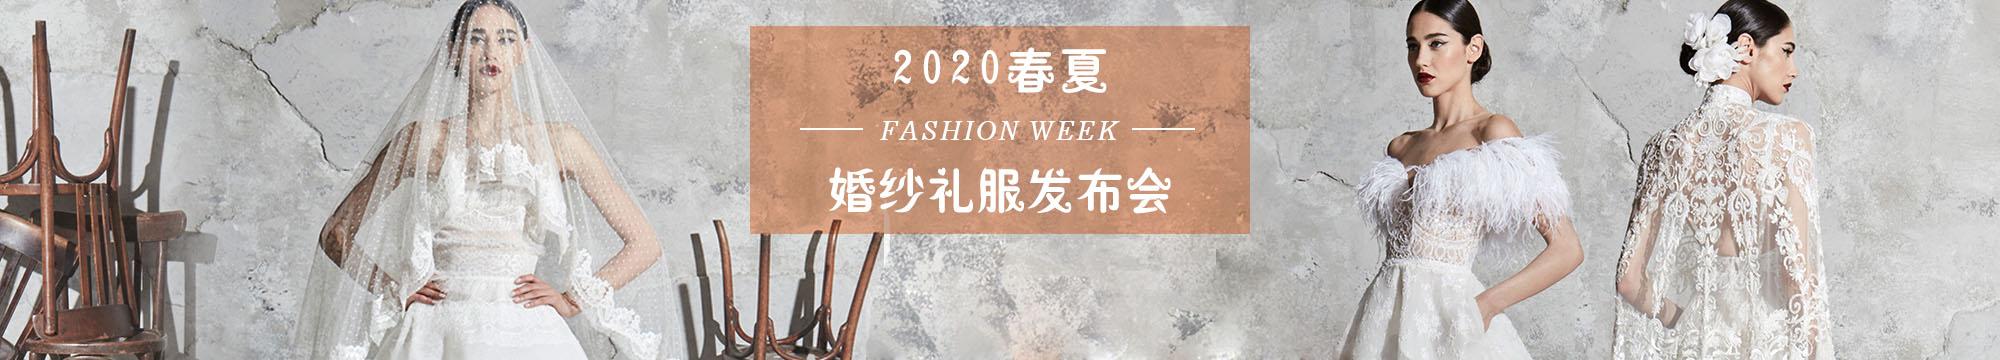 2020春夏婚纱礼服发布会